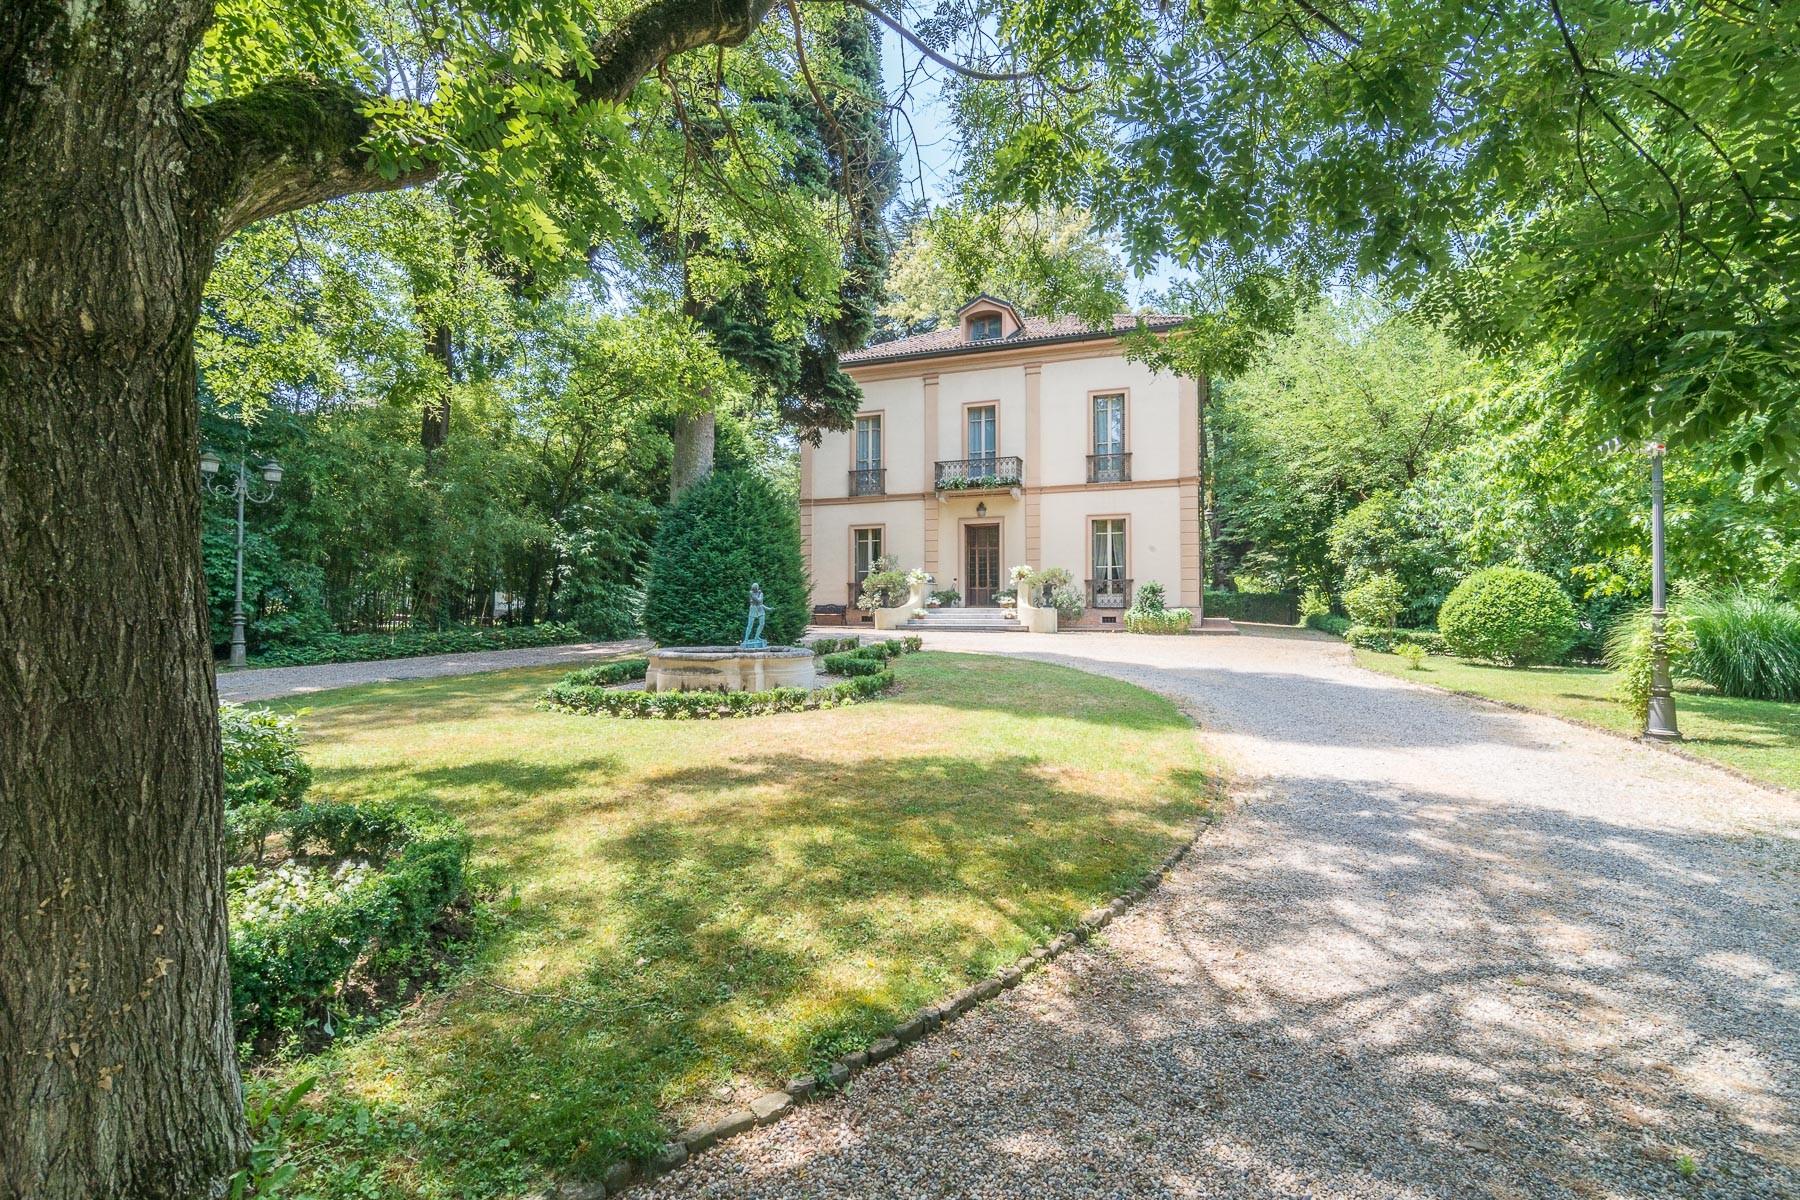 Villa in Vendita a Pavia via delle terme